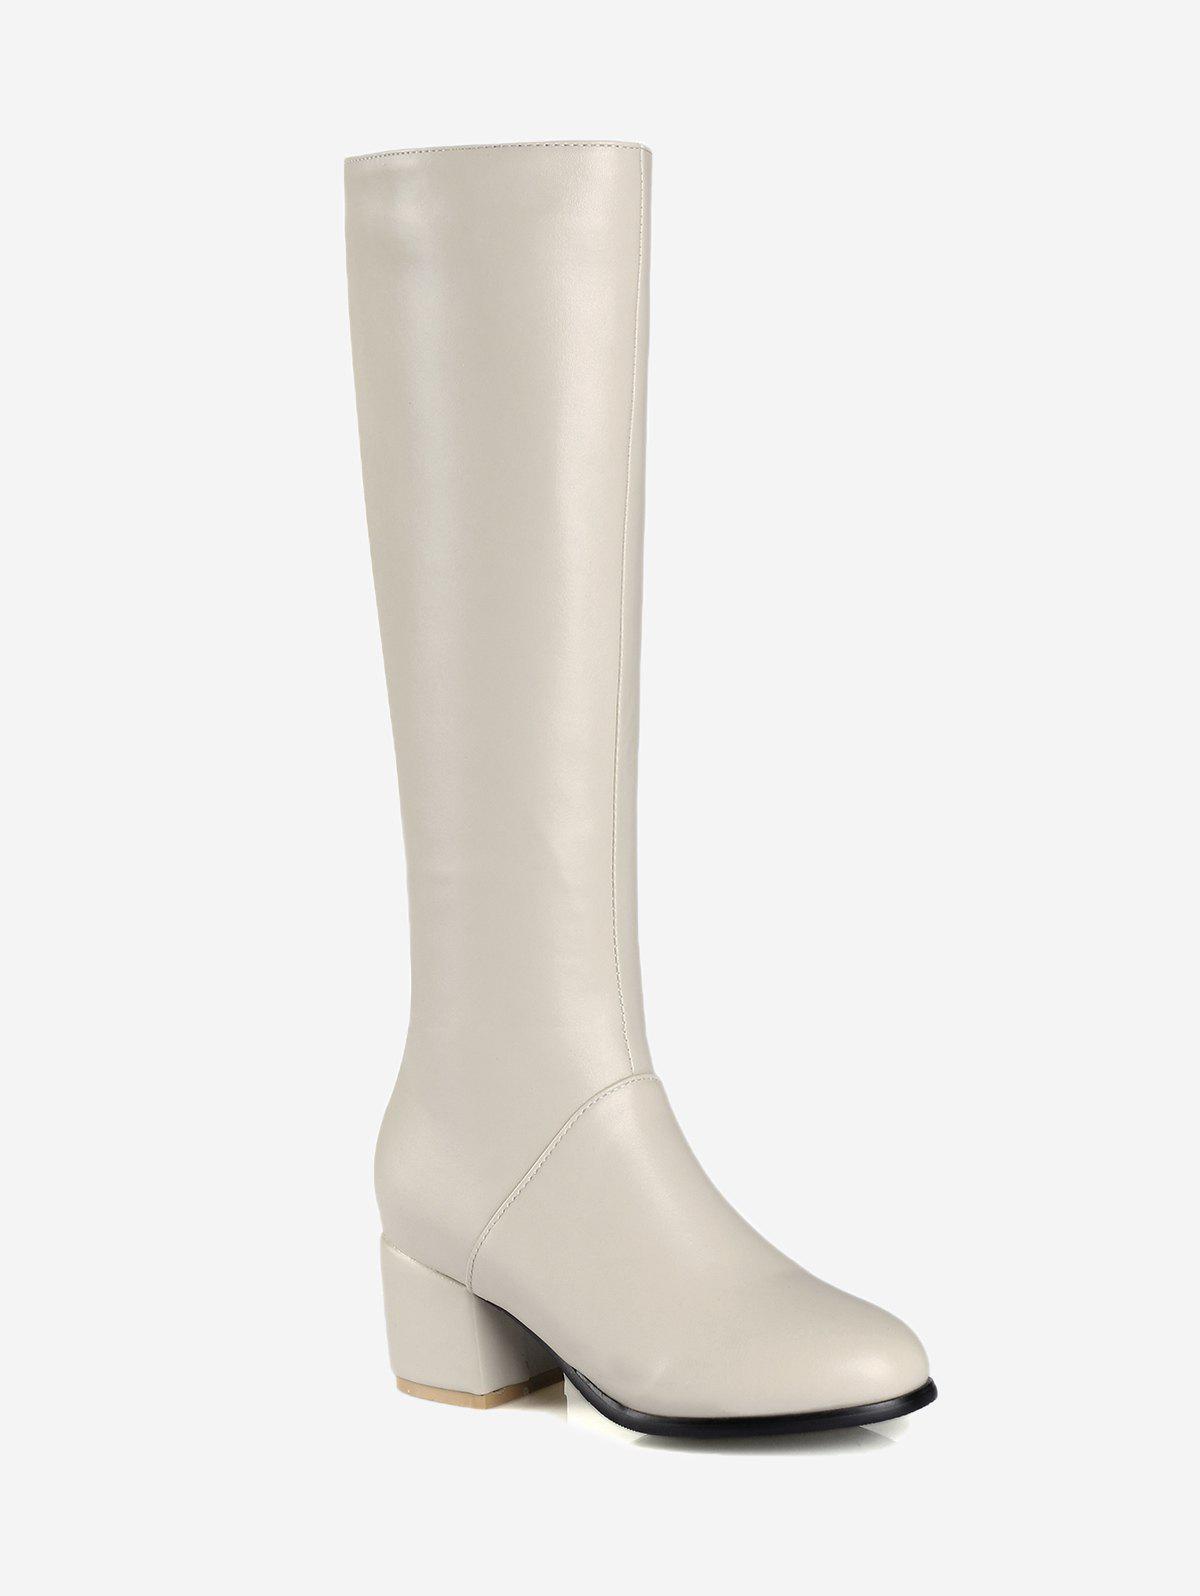 PU Leather Chunky Heel Knee High Boots